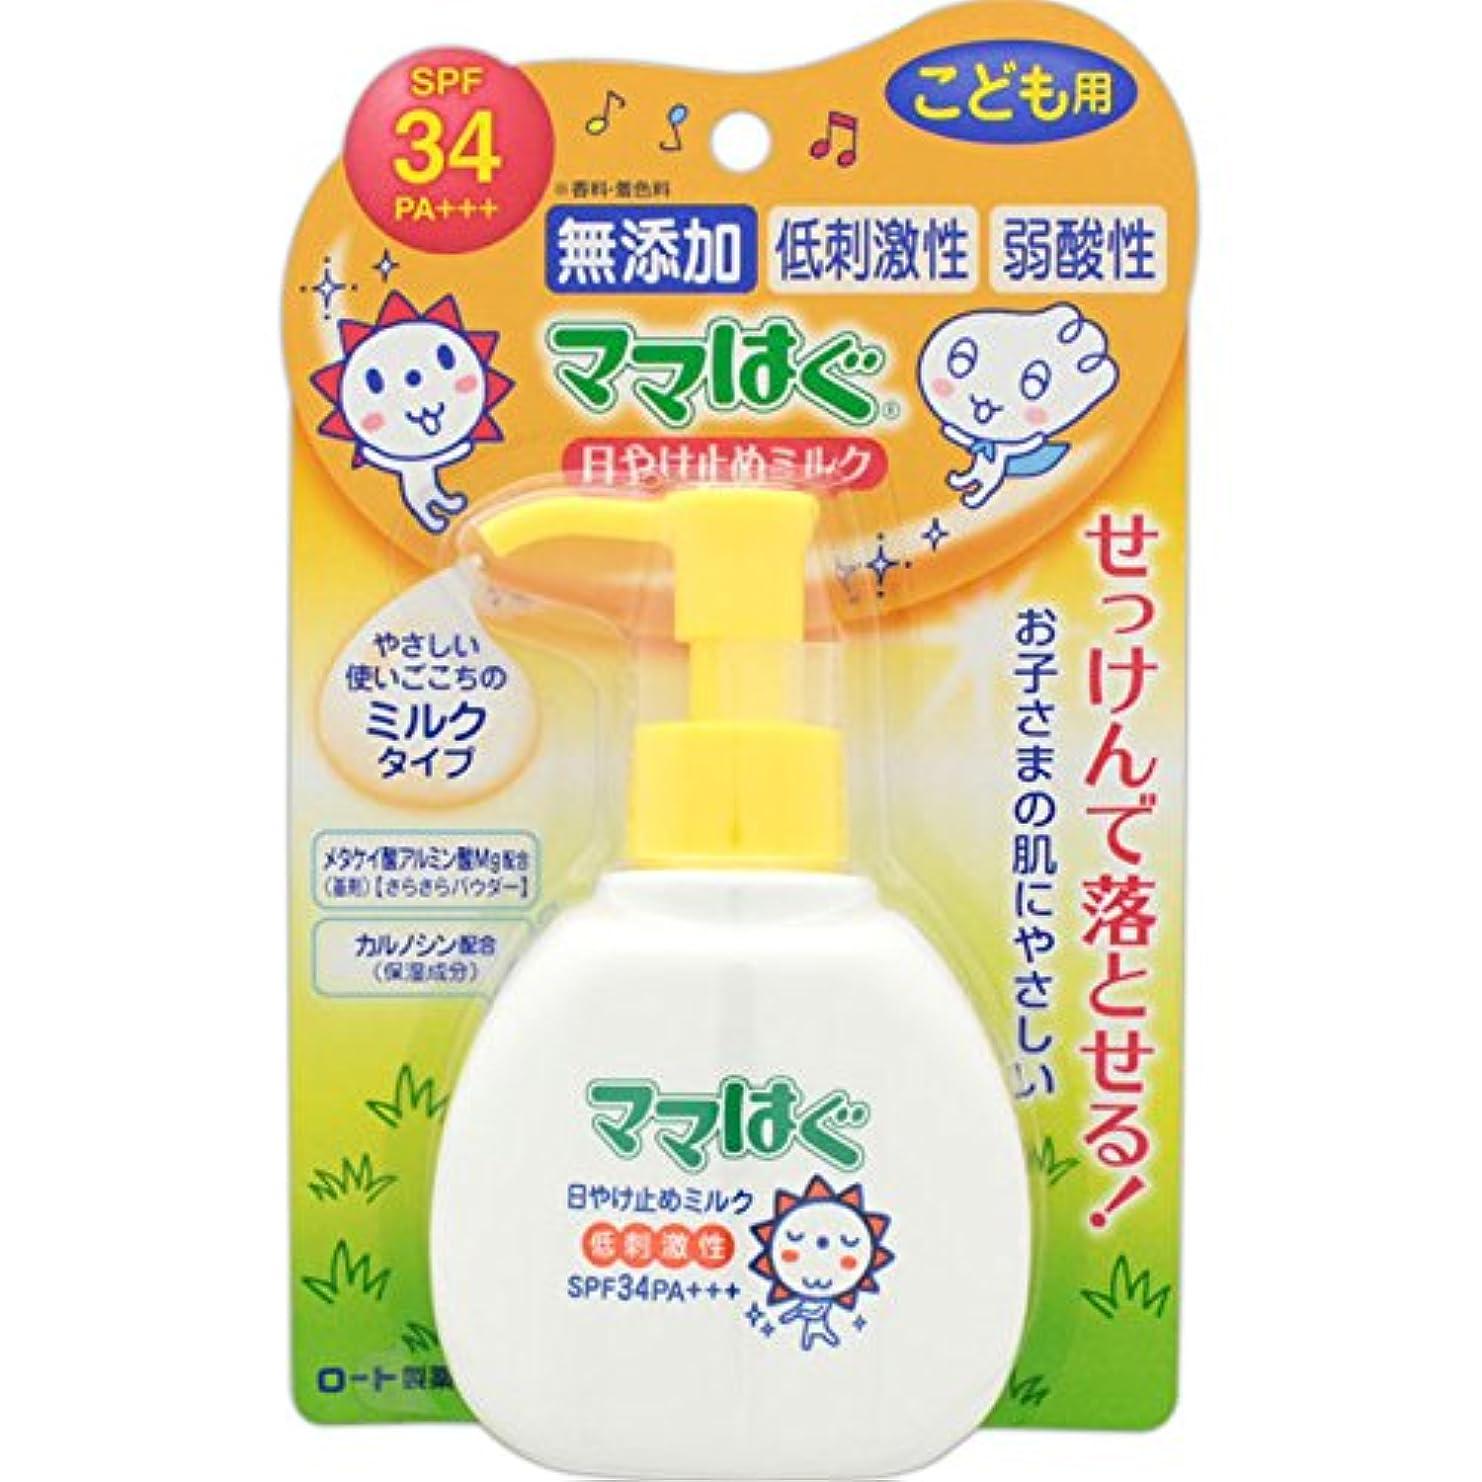 哺乳類ミルク唇ロート製薬 ママはぐ 無添加 低刺激性日やけ止めミルク SPF34 PA+++ 100g